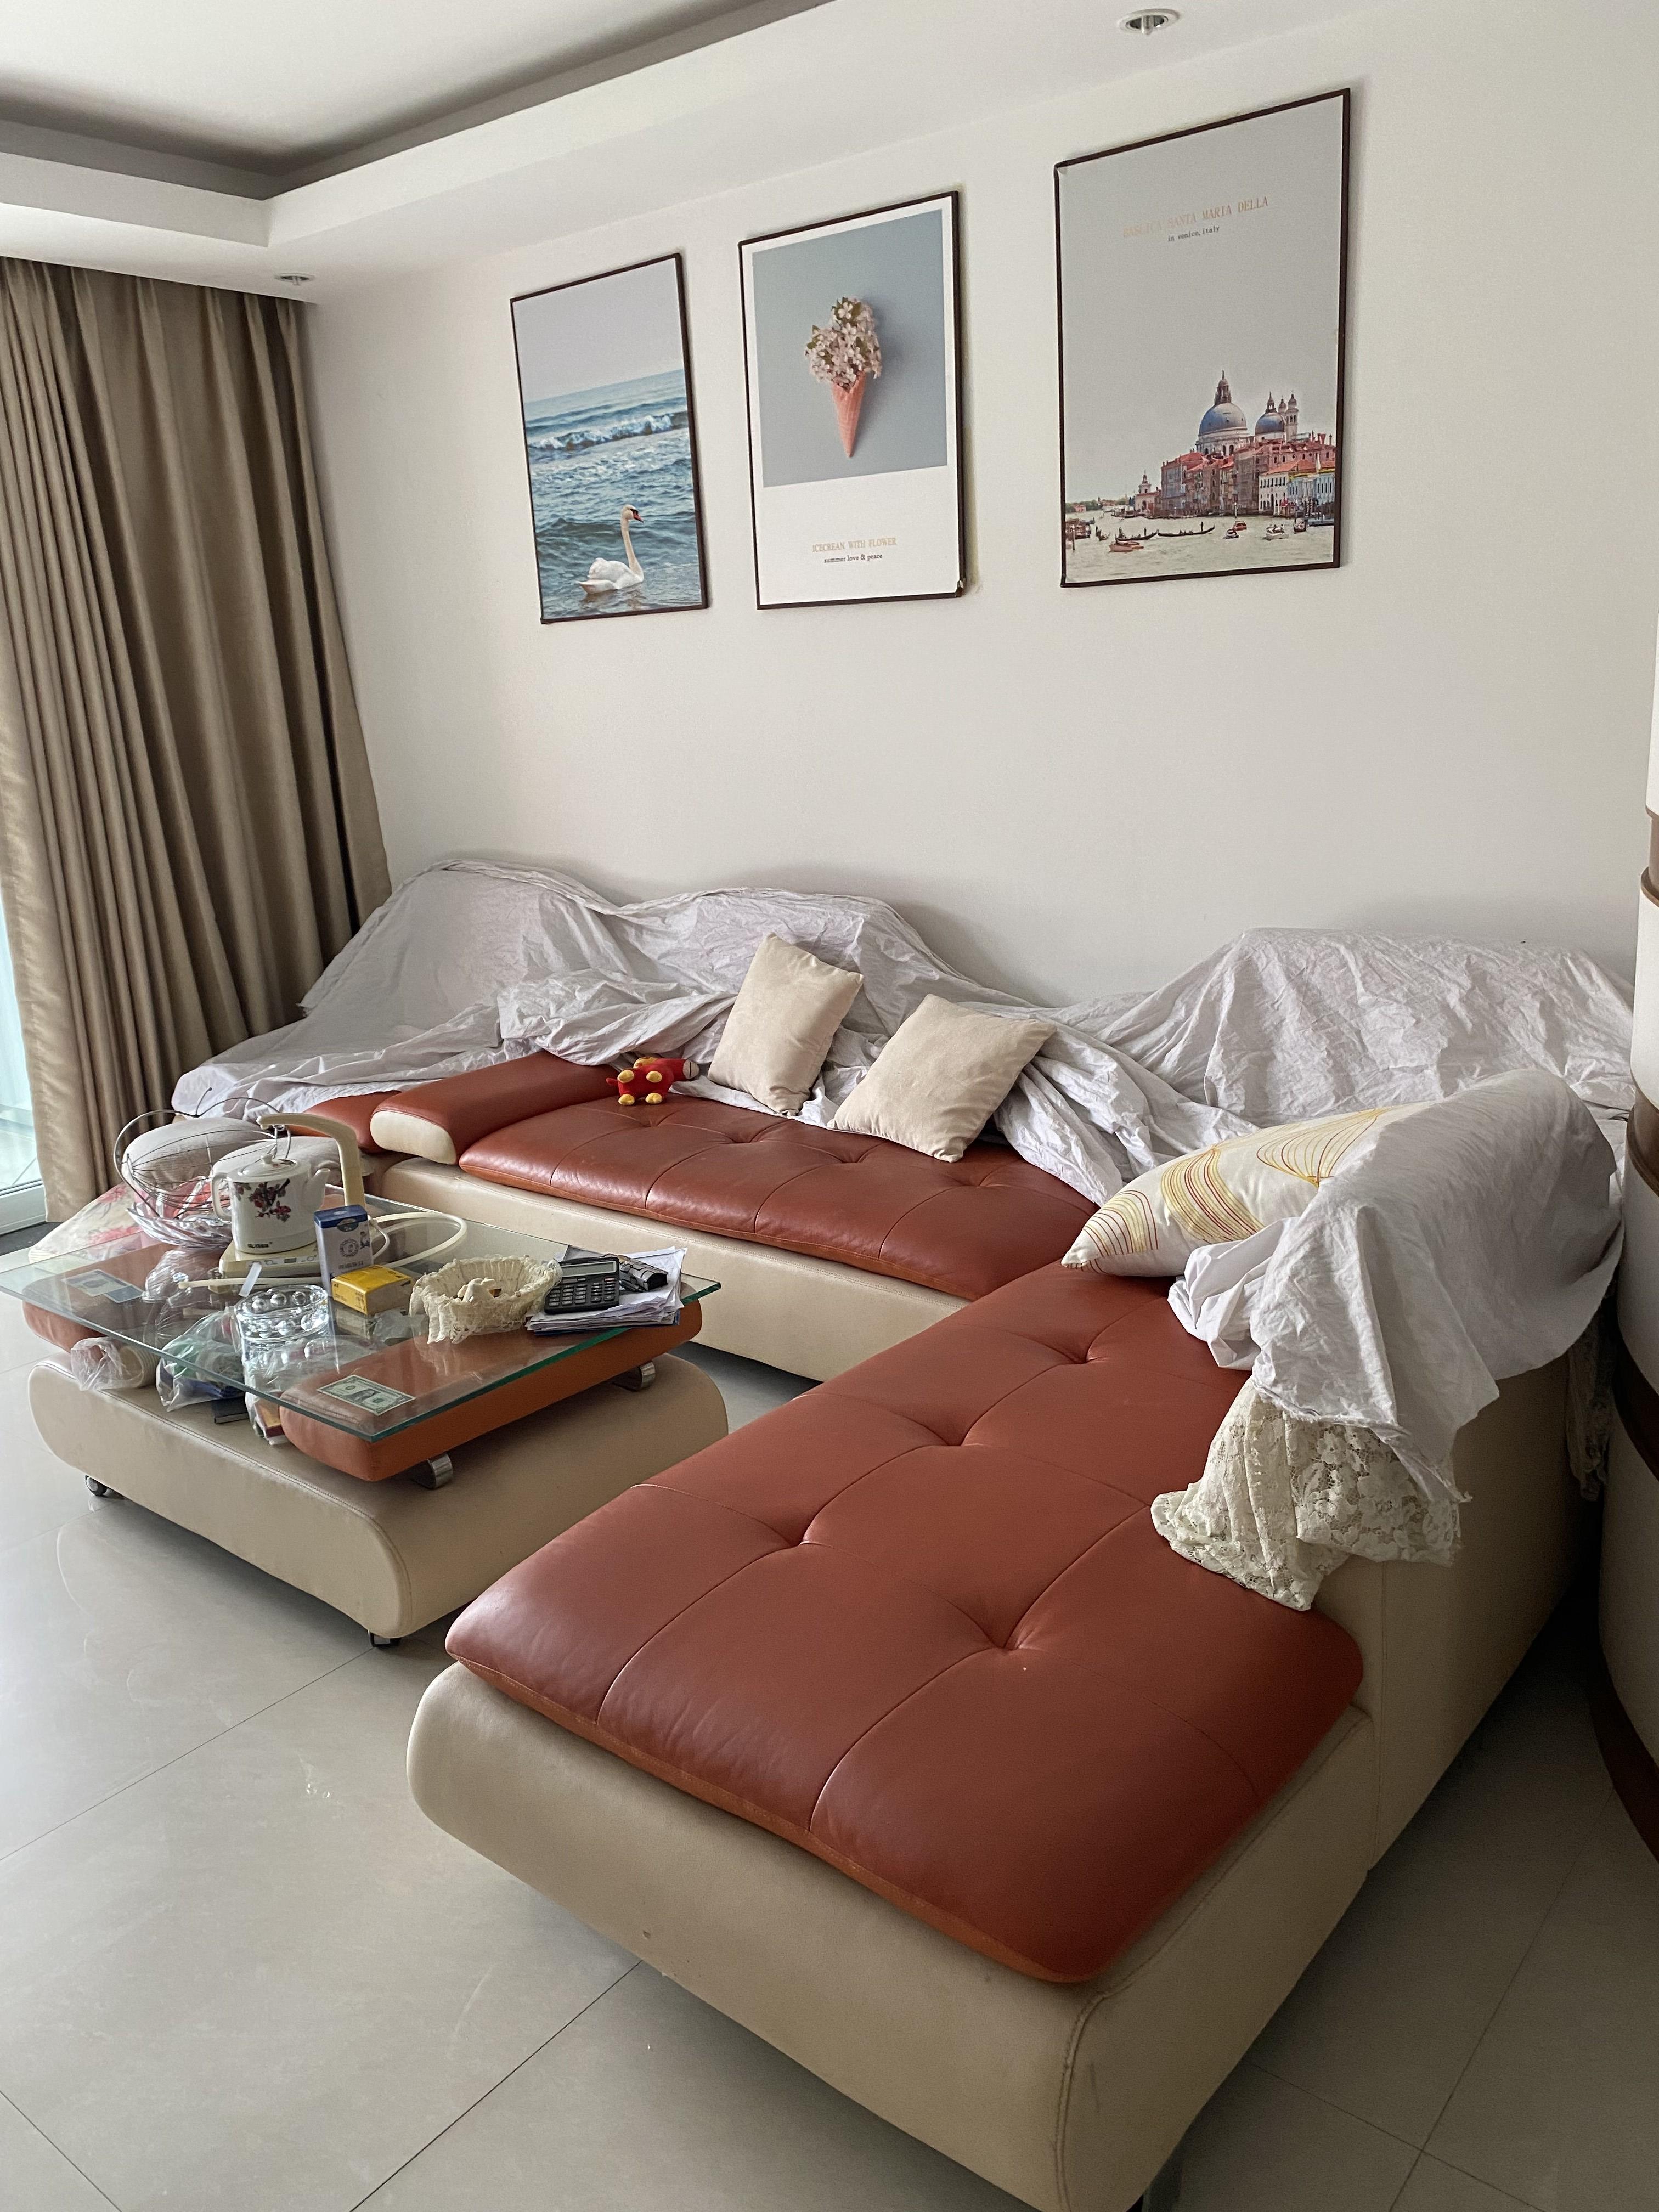 临浦都市春天,精装修房子出租,3房2厅2卫,家电、家具设施齐,可以拎包入住